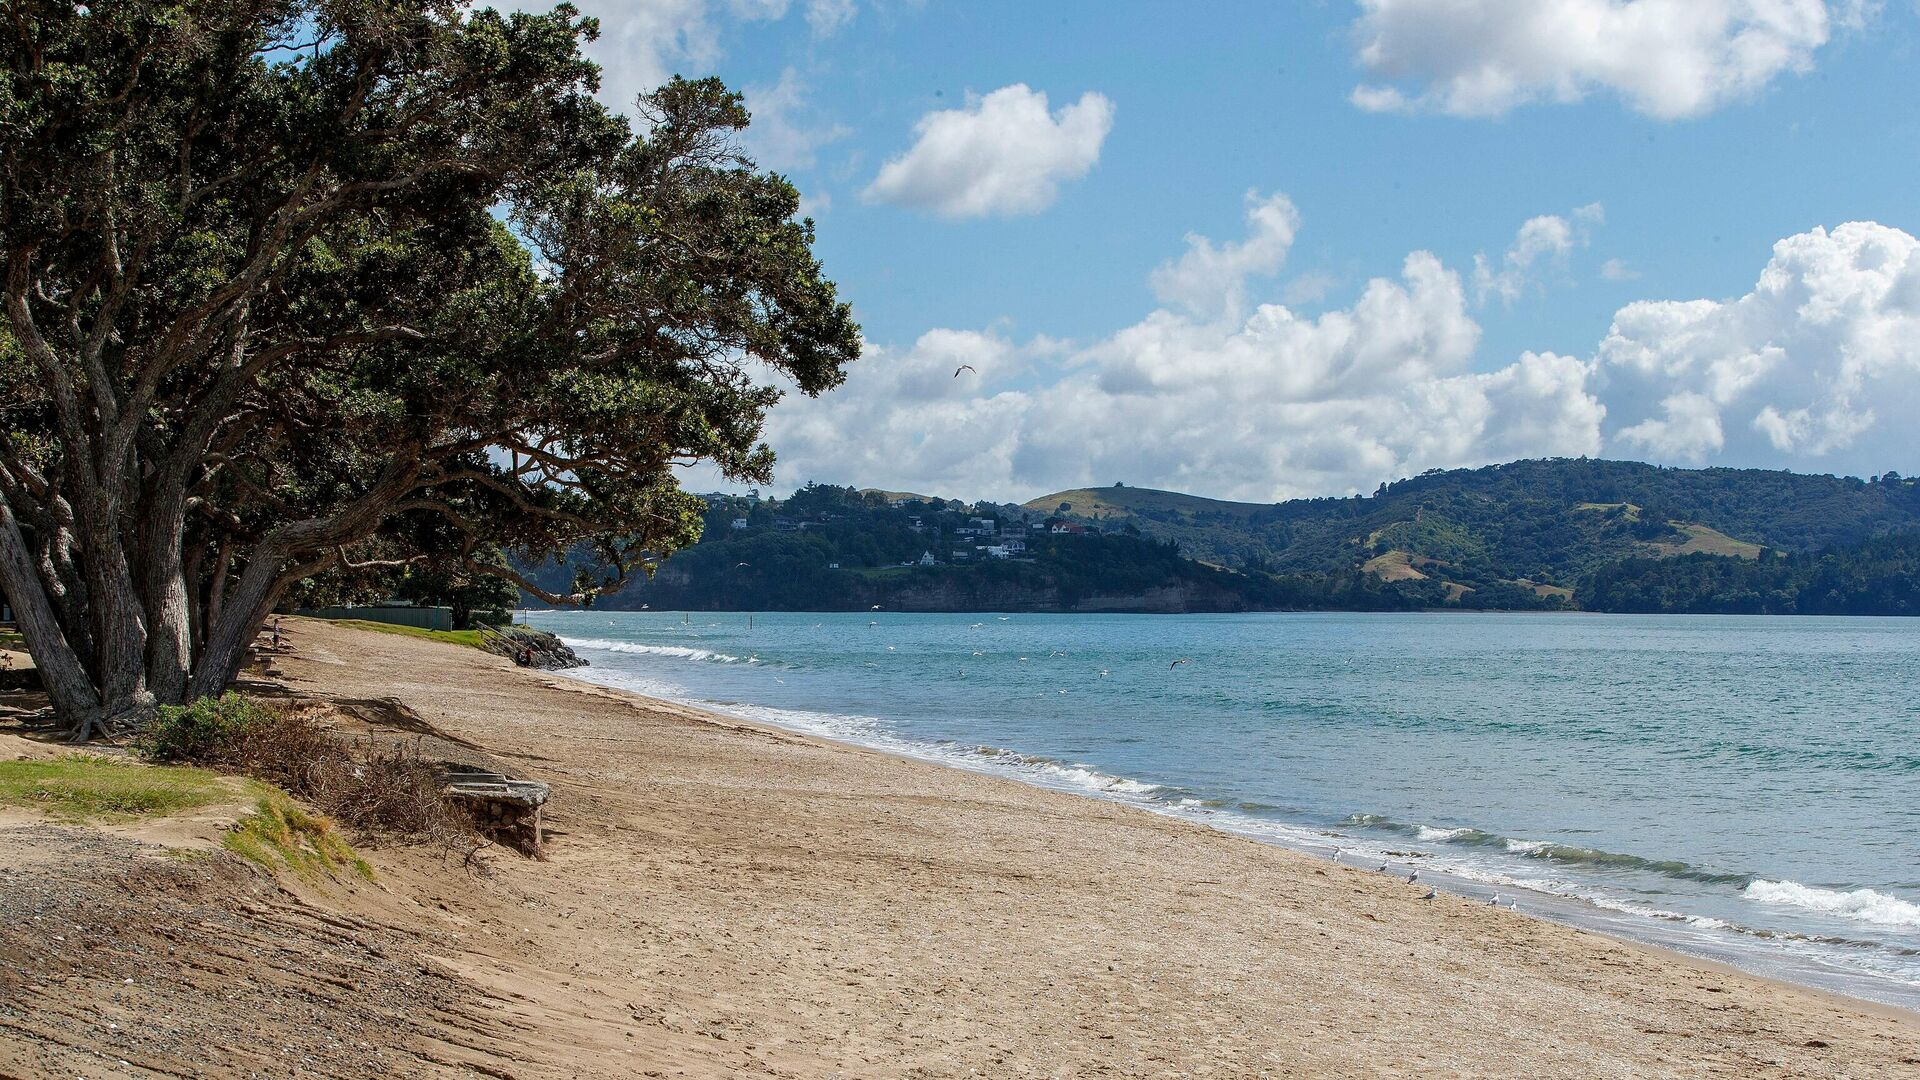 Пляж, опустевший после предупреждения о цунами в Ореве, Новая Зеландия - РИА Новости, 1920, 05.03.2021